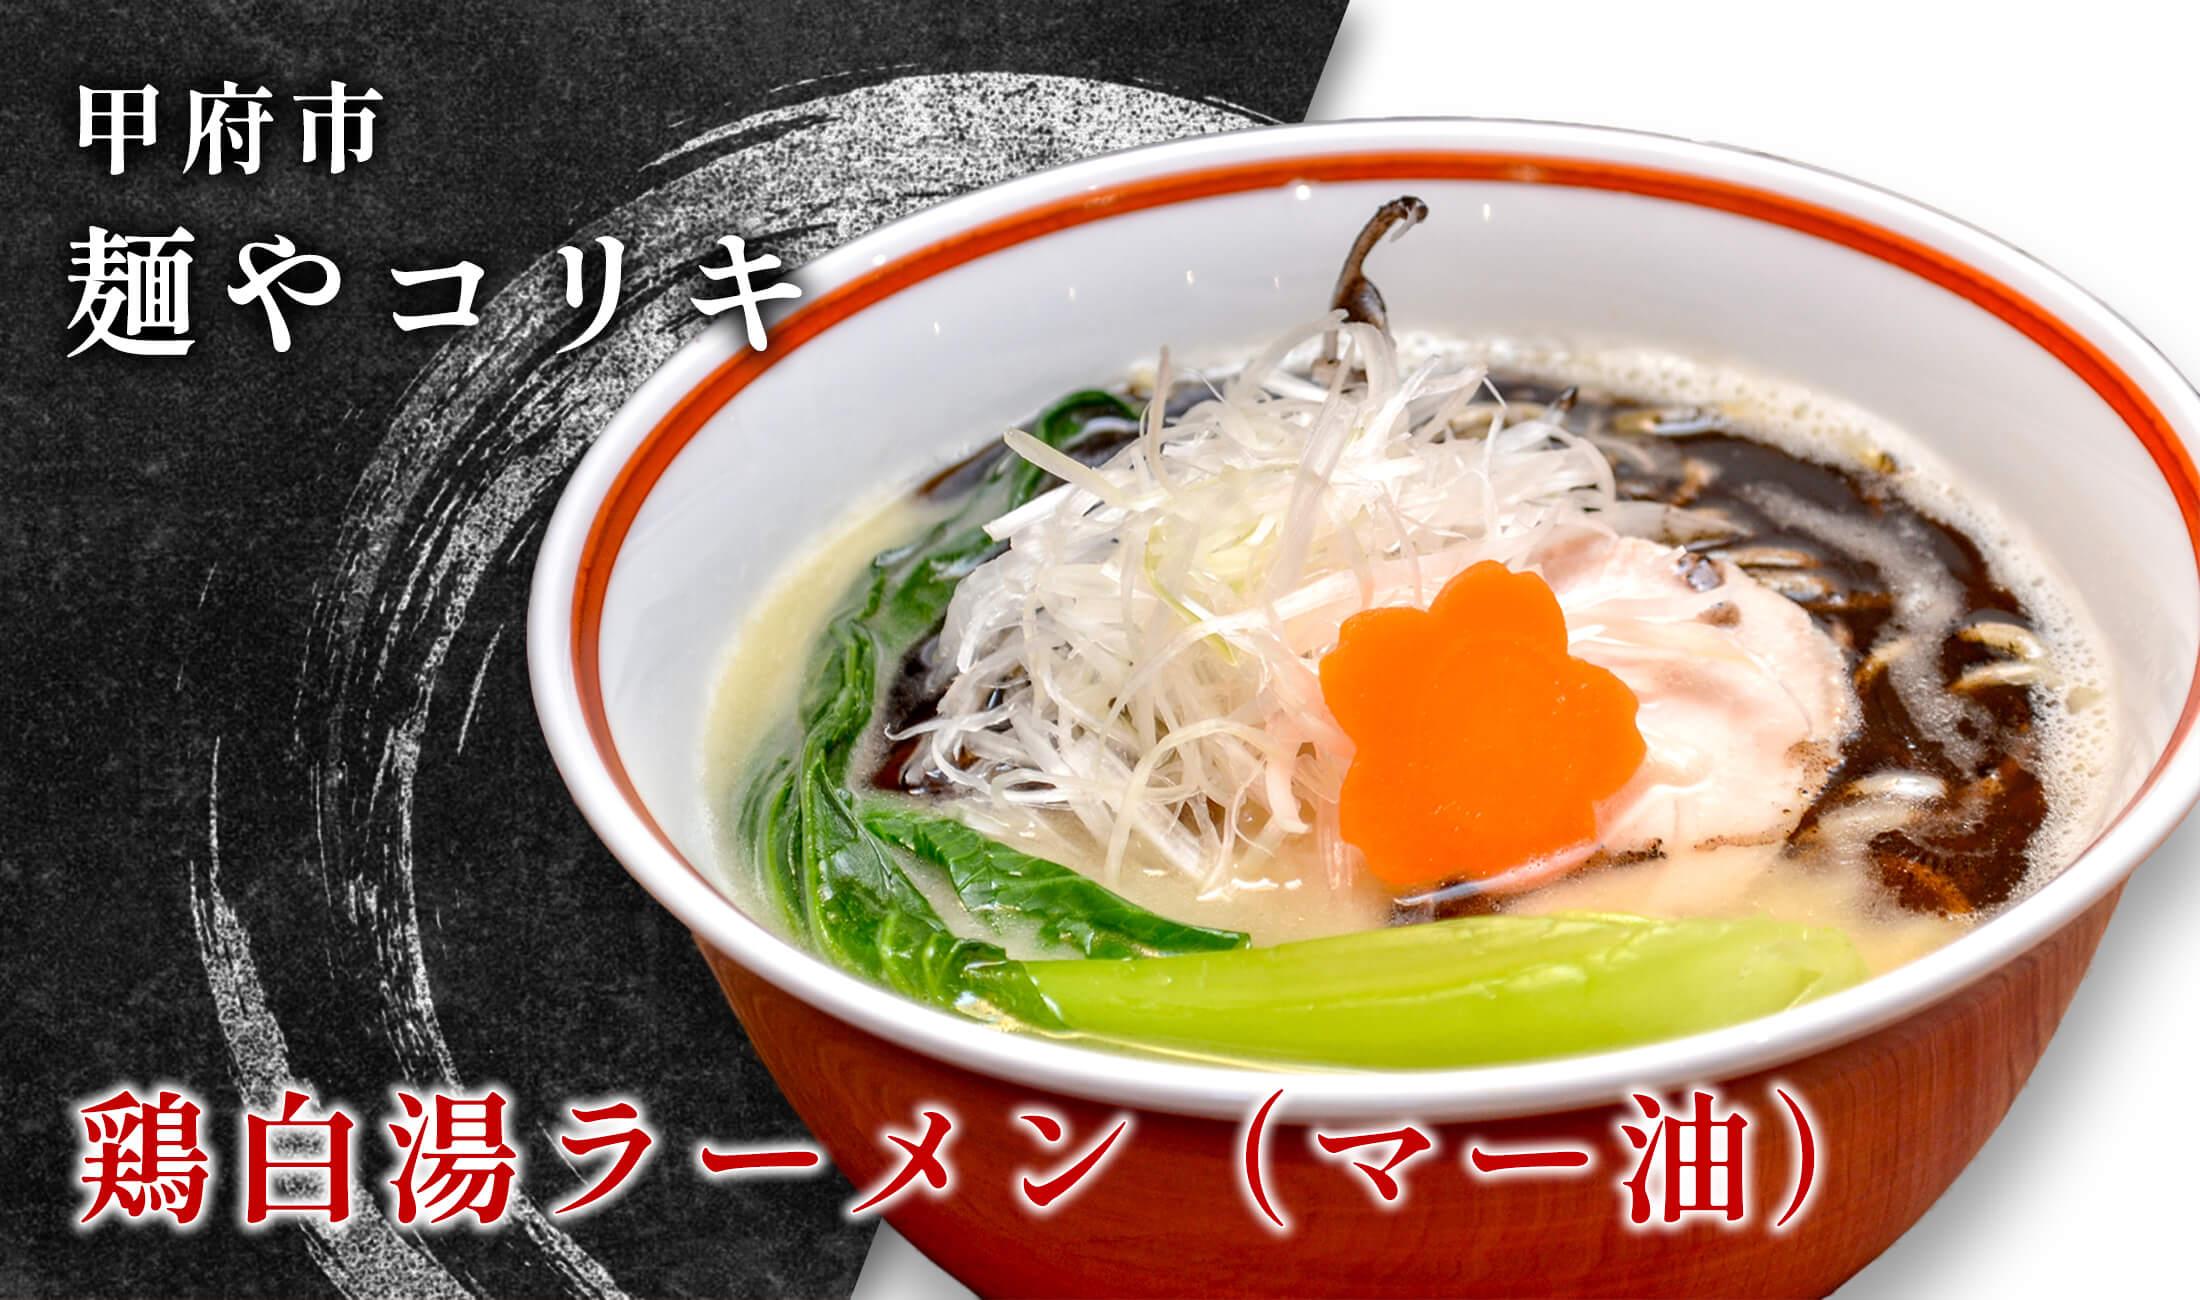 甲府市 麺やコリキ 鶏白湯ラーメン(黒マー油)